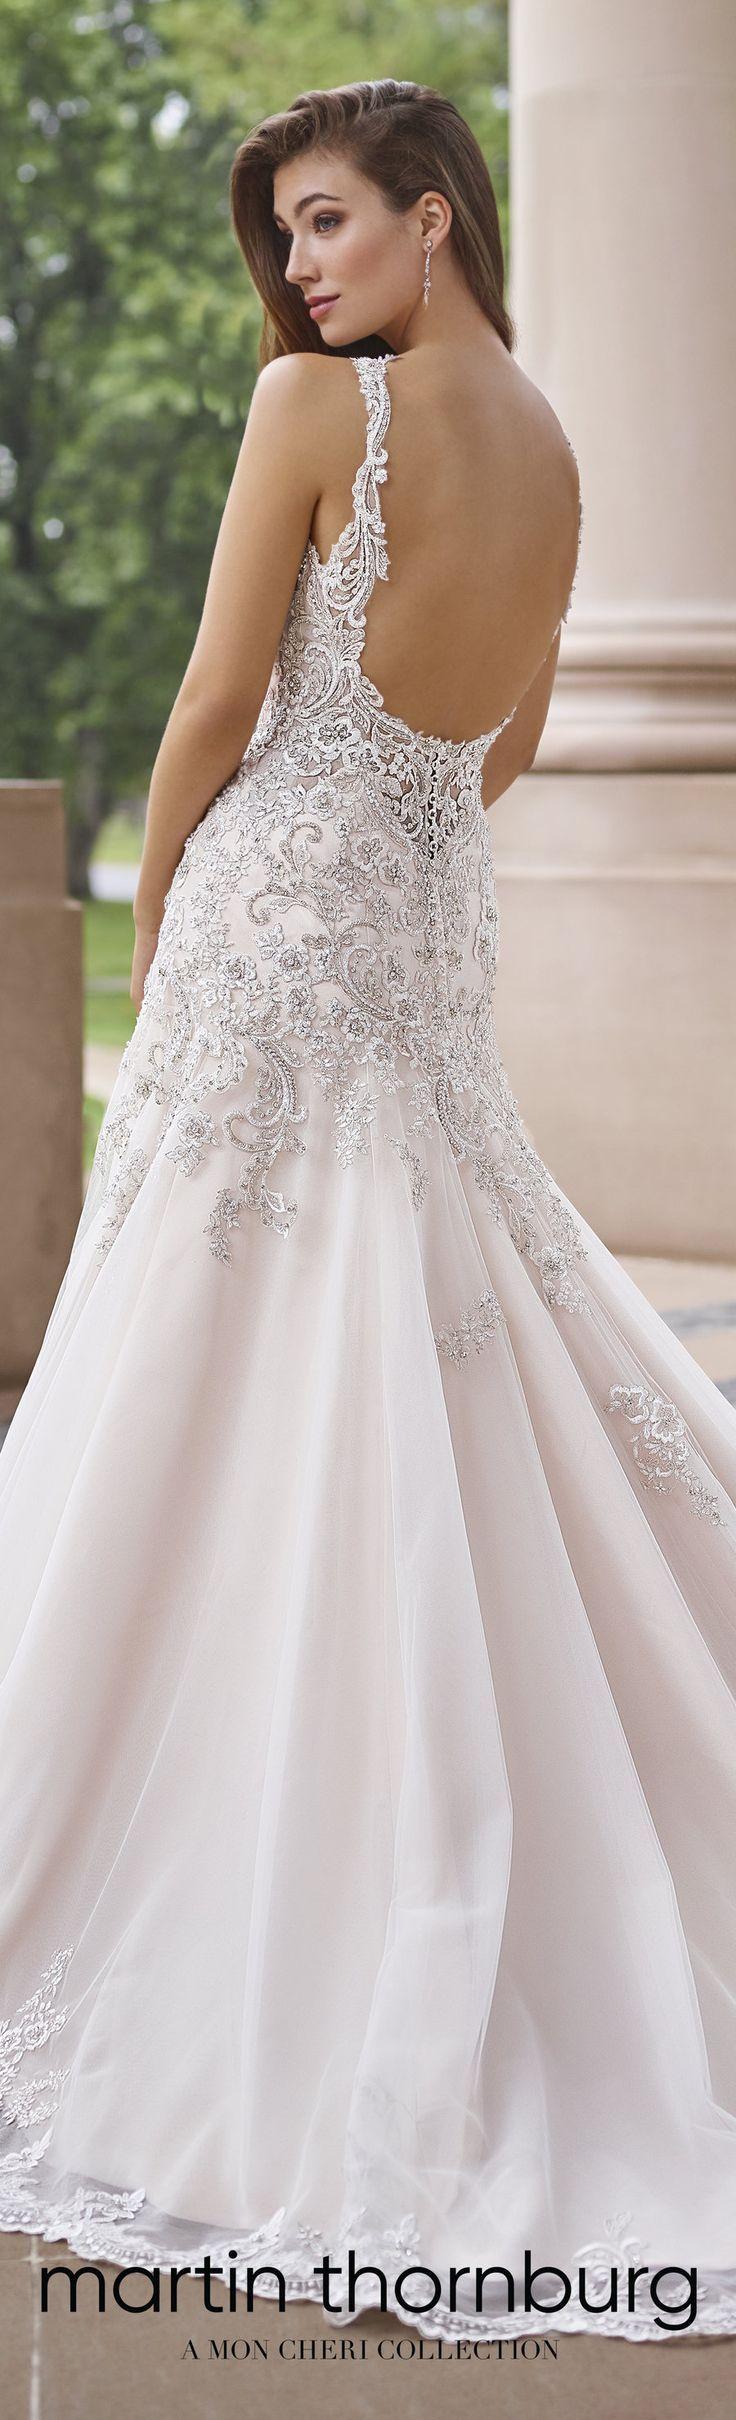 872 besten Wedding Dress Styles and Ideas Bilder auf Pinterest